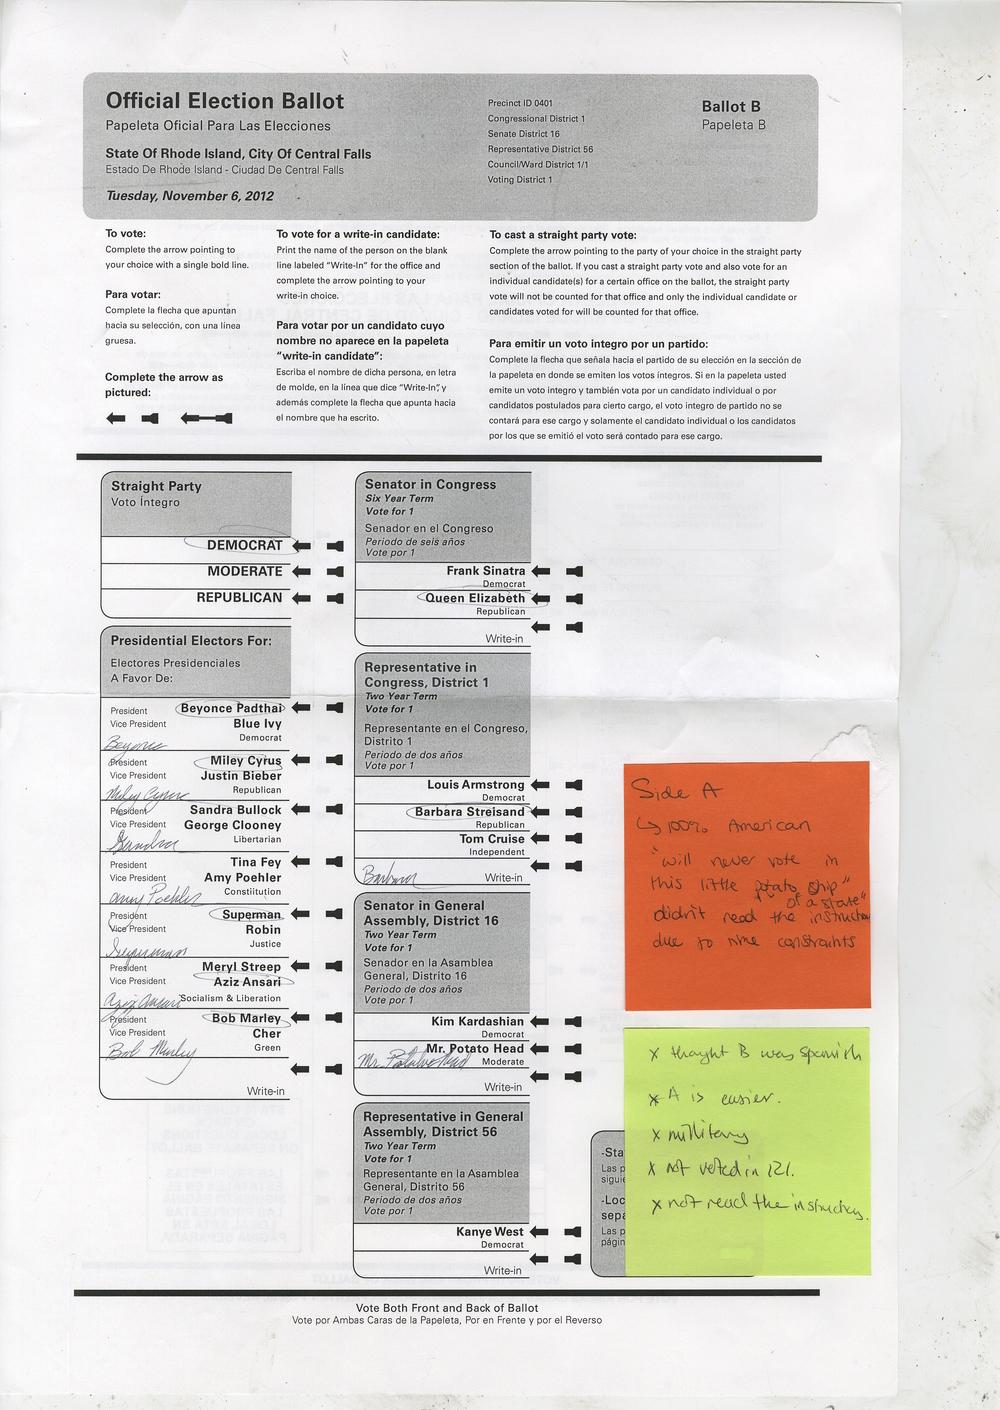 ballot1.jpg